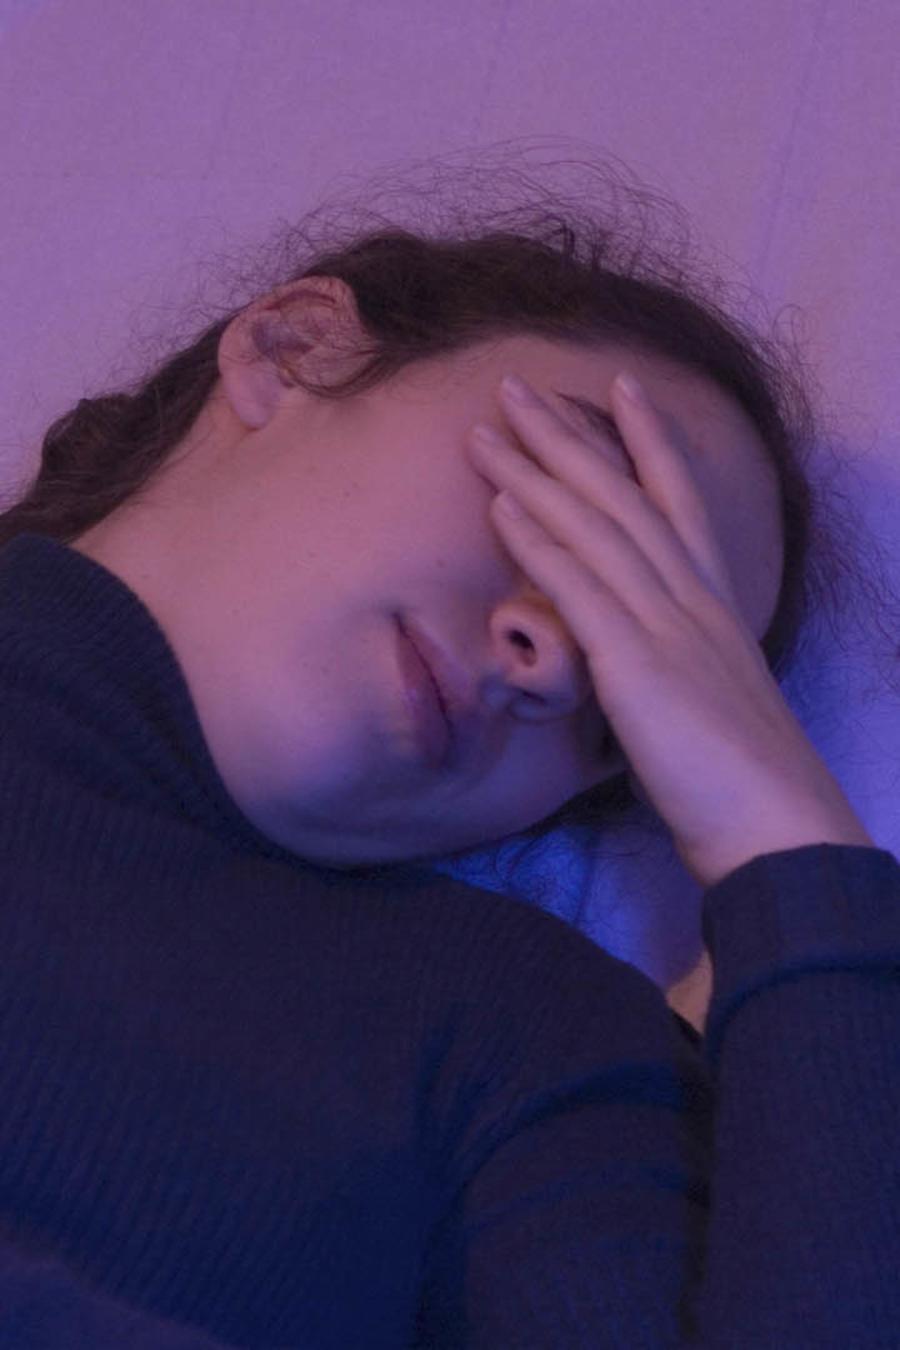 La depresión posparto, una condición que se debe atender